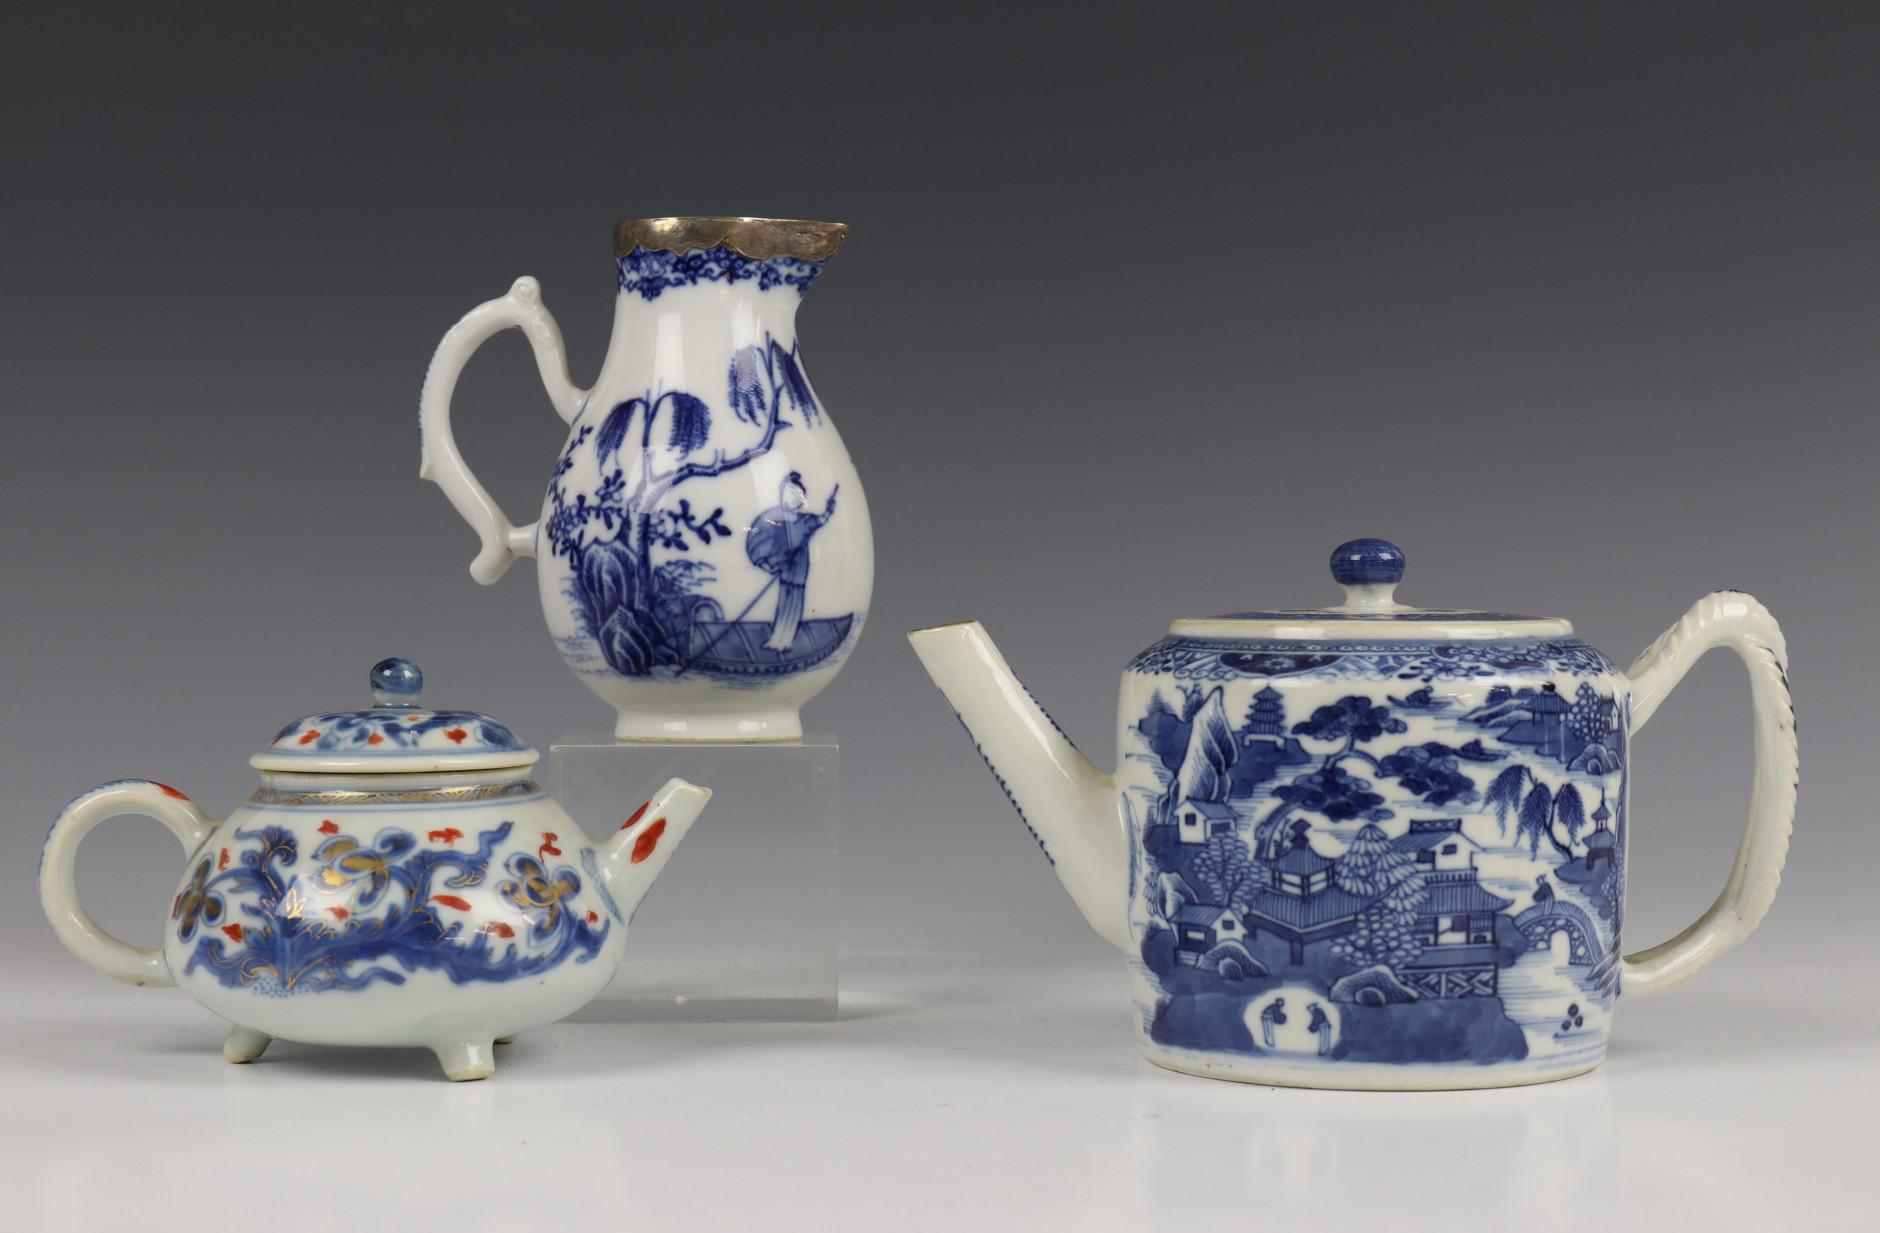 China, blauw-wit porseleinen trekpot, Imari trekpotje en melkkan, 18e eeuw,